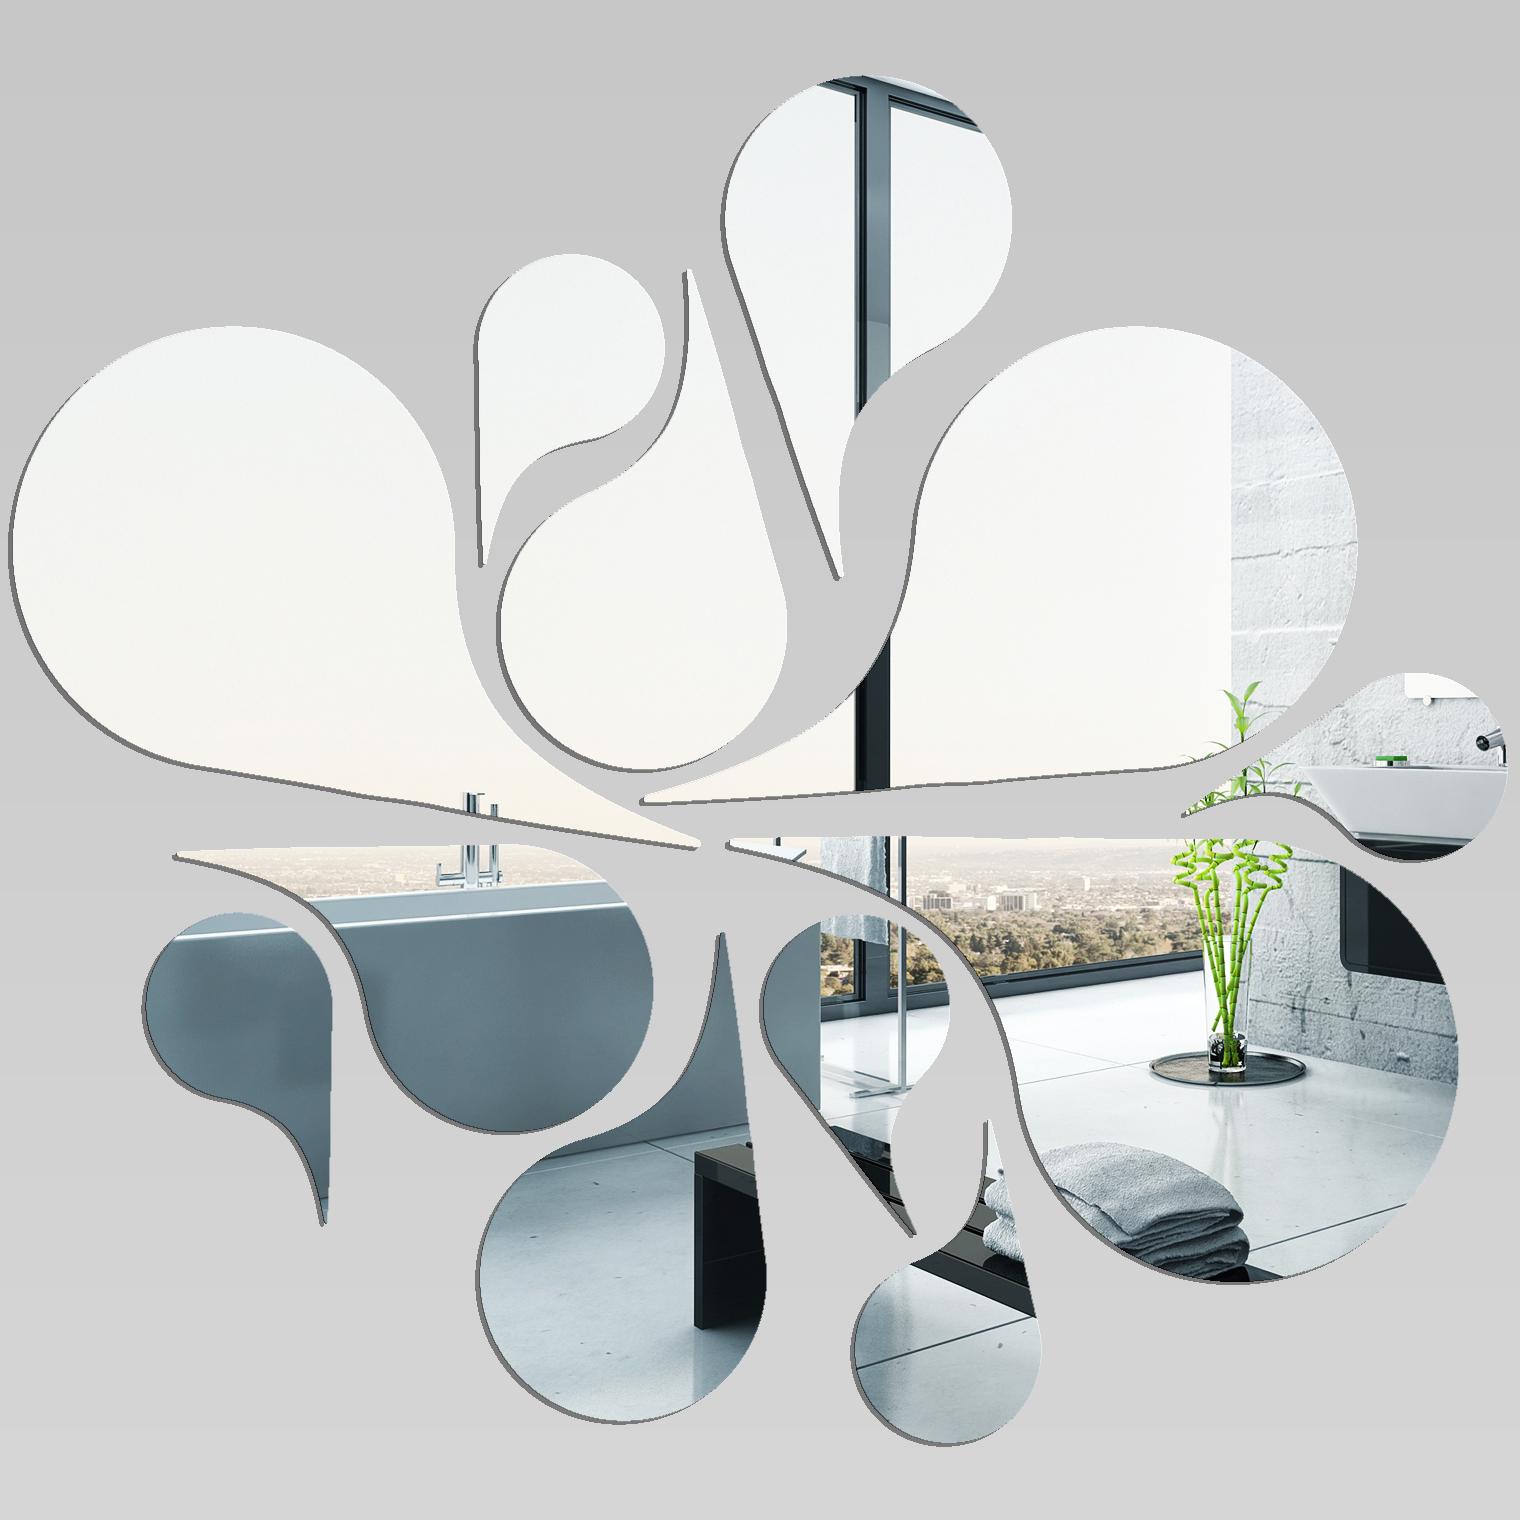 Miroir plexiglass acrylique plusieures gouttes pas cher for Miroir deco pas cher